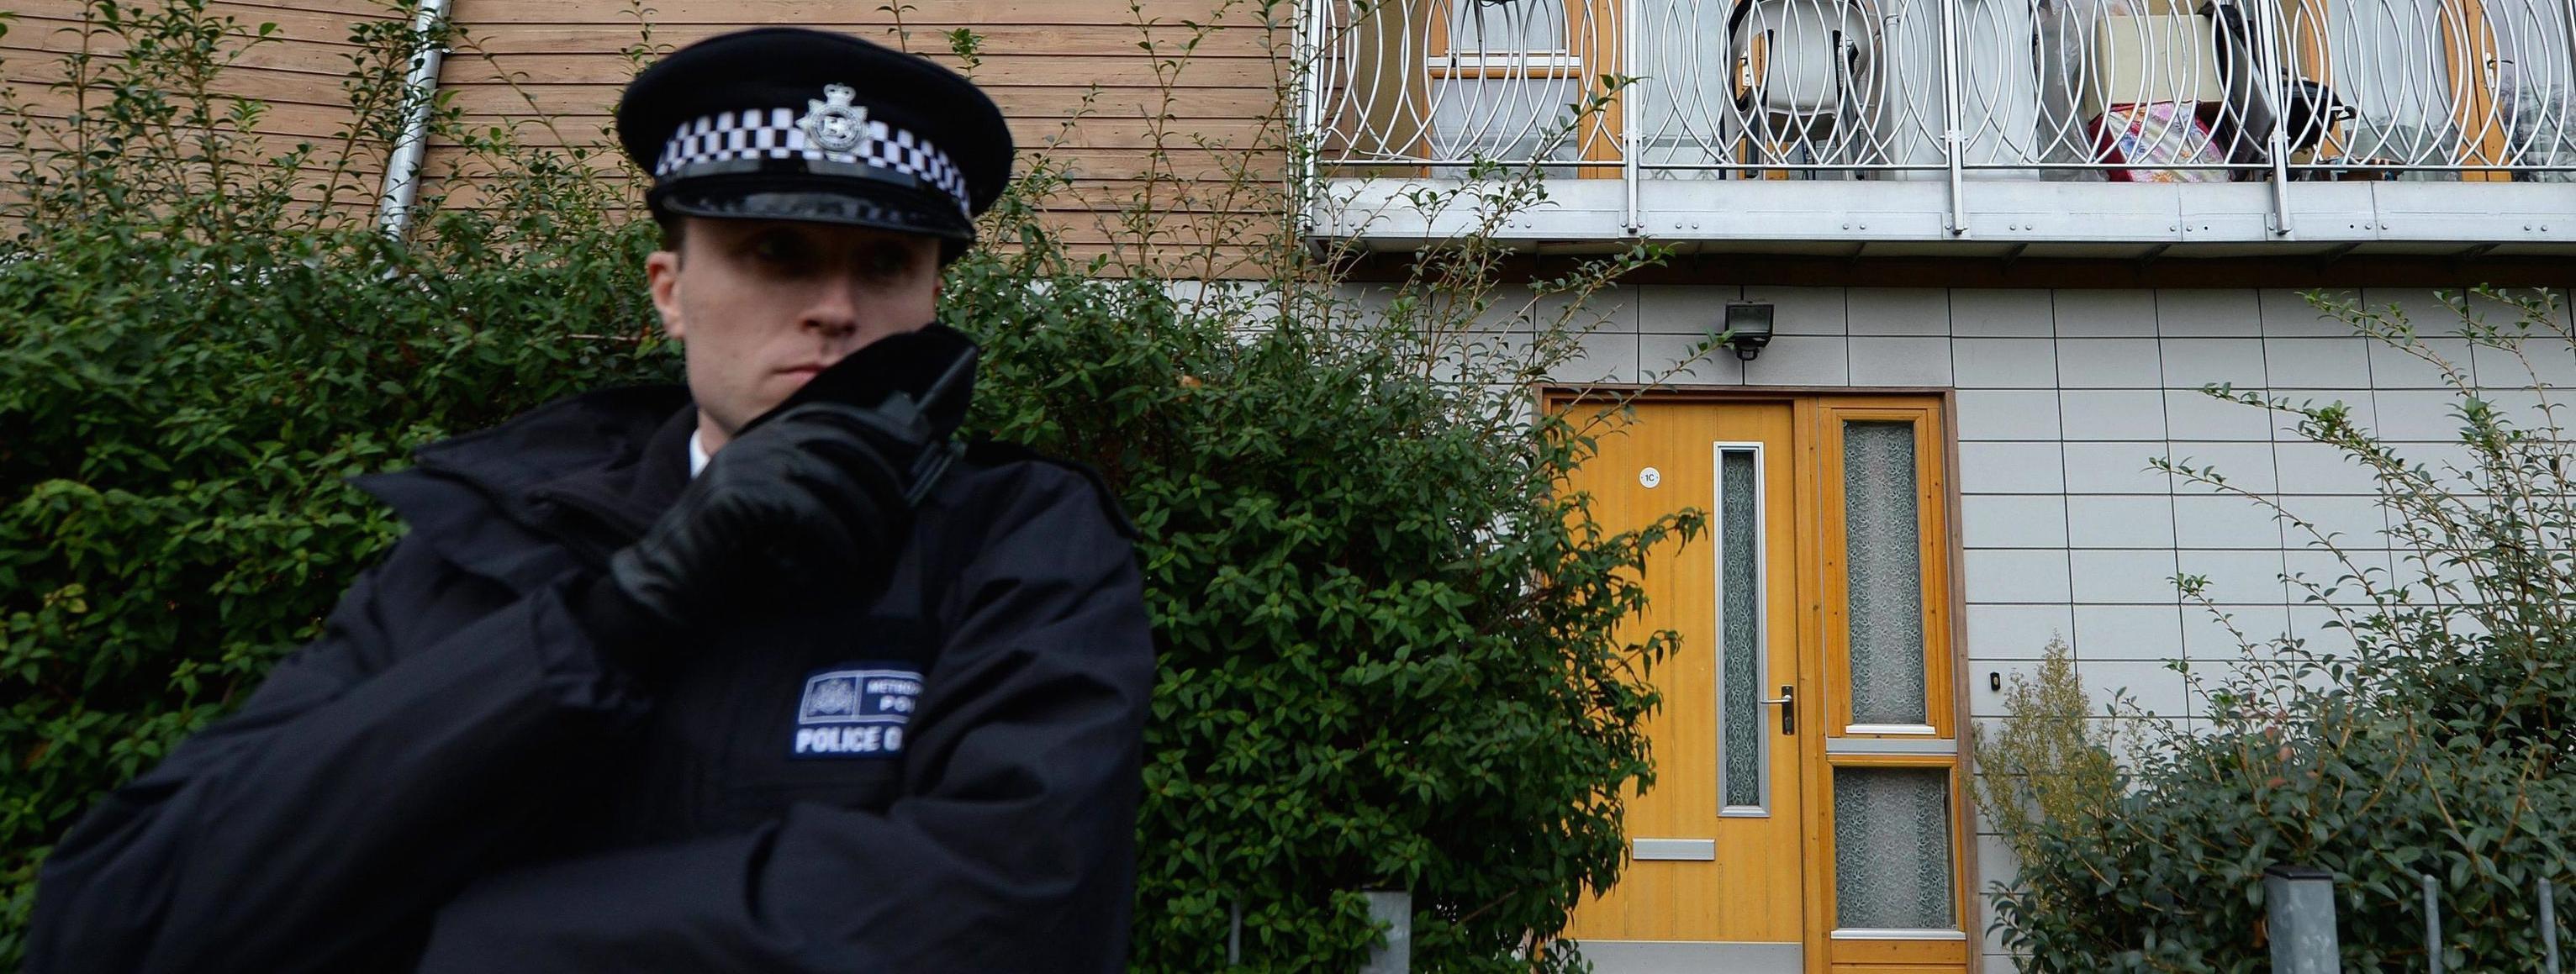 Un agente di guardia a Londra